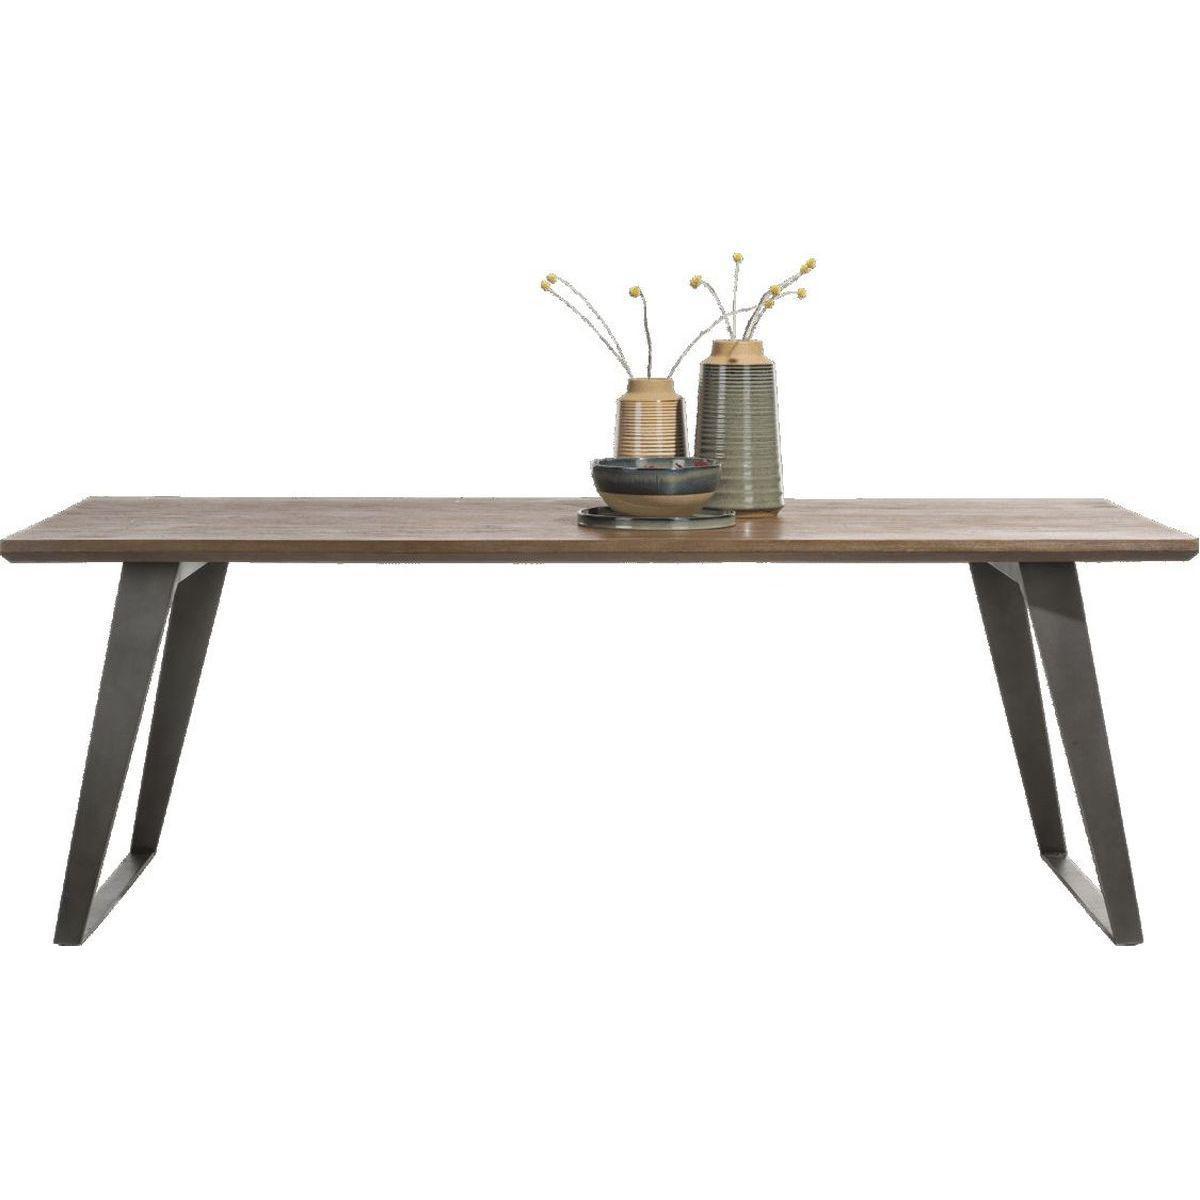 Table BOX Henders & Hazel 100x220cm Tramwood Walnut